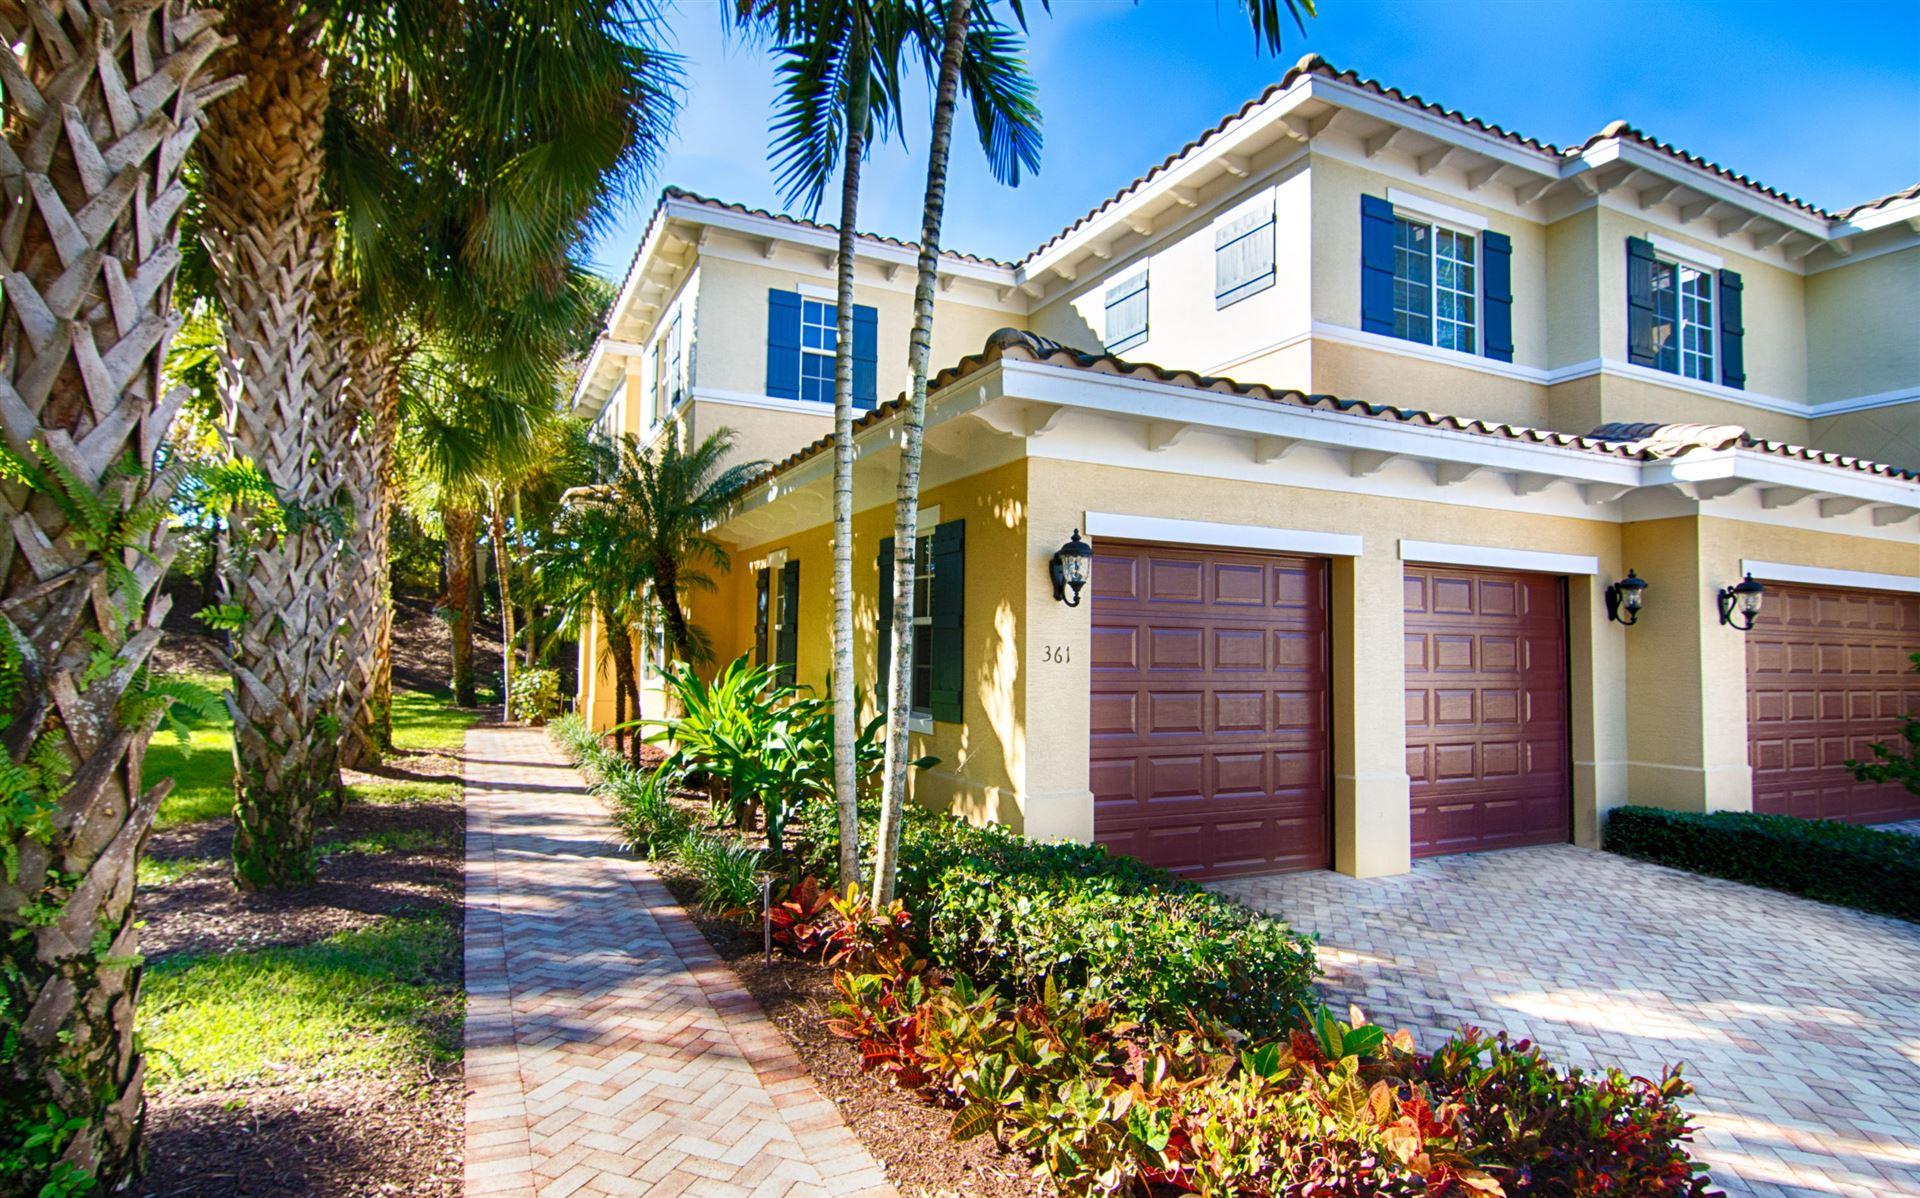 361 Chambord Terrace #361, Palm Beach Gardens, FL 33410 - #: RX-10690252